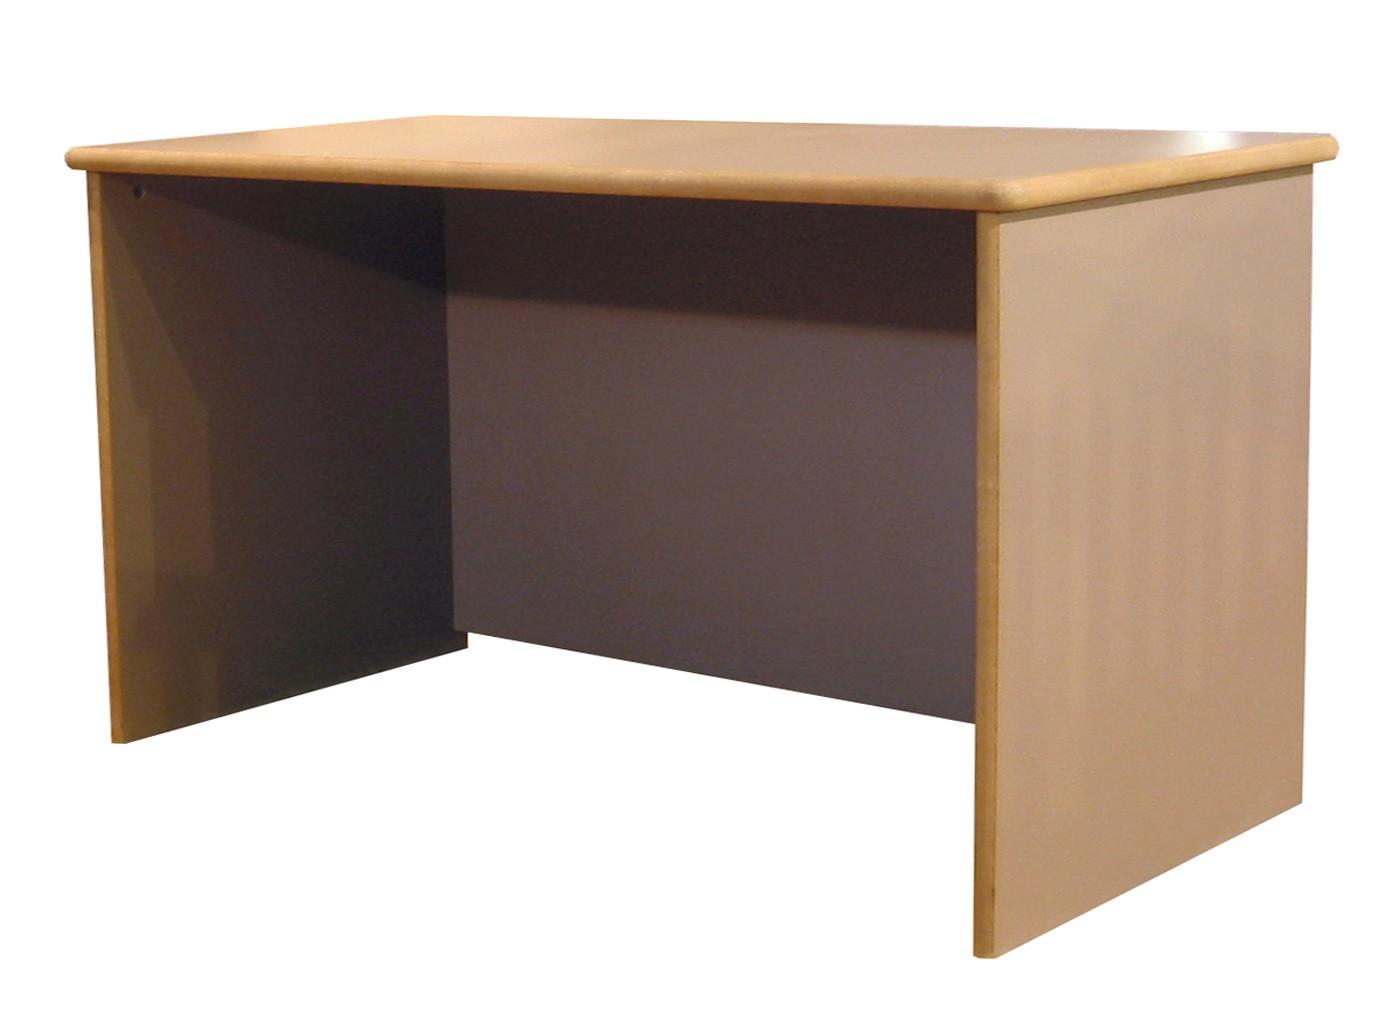 Lit mezzanine enfant avec etagere et bureau int gr - Bureau largeur 50 cm ...